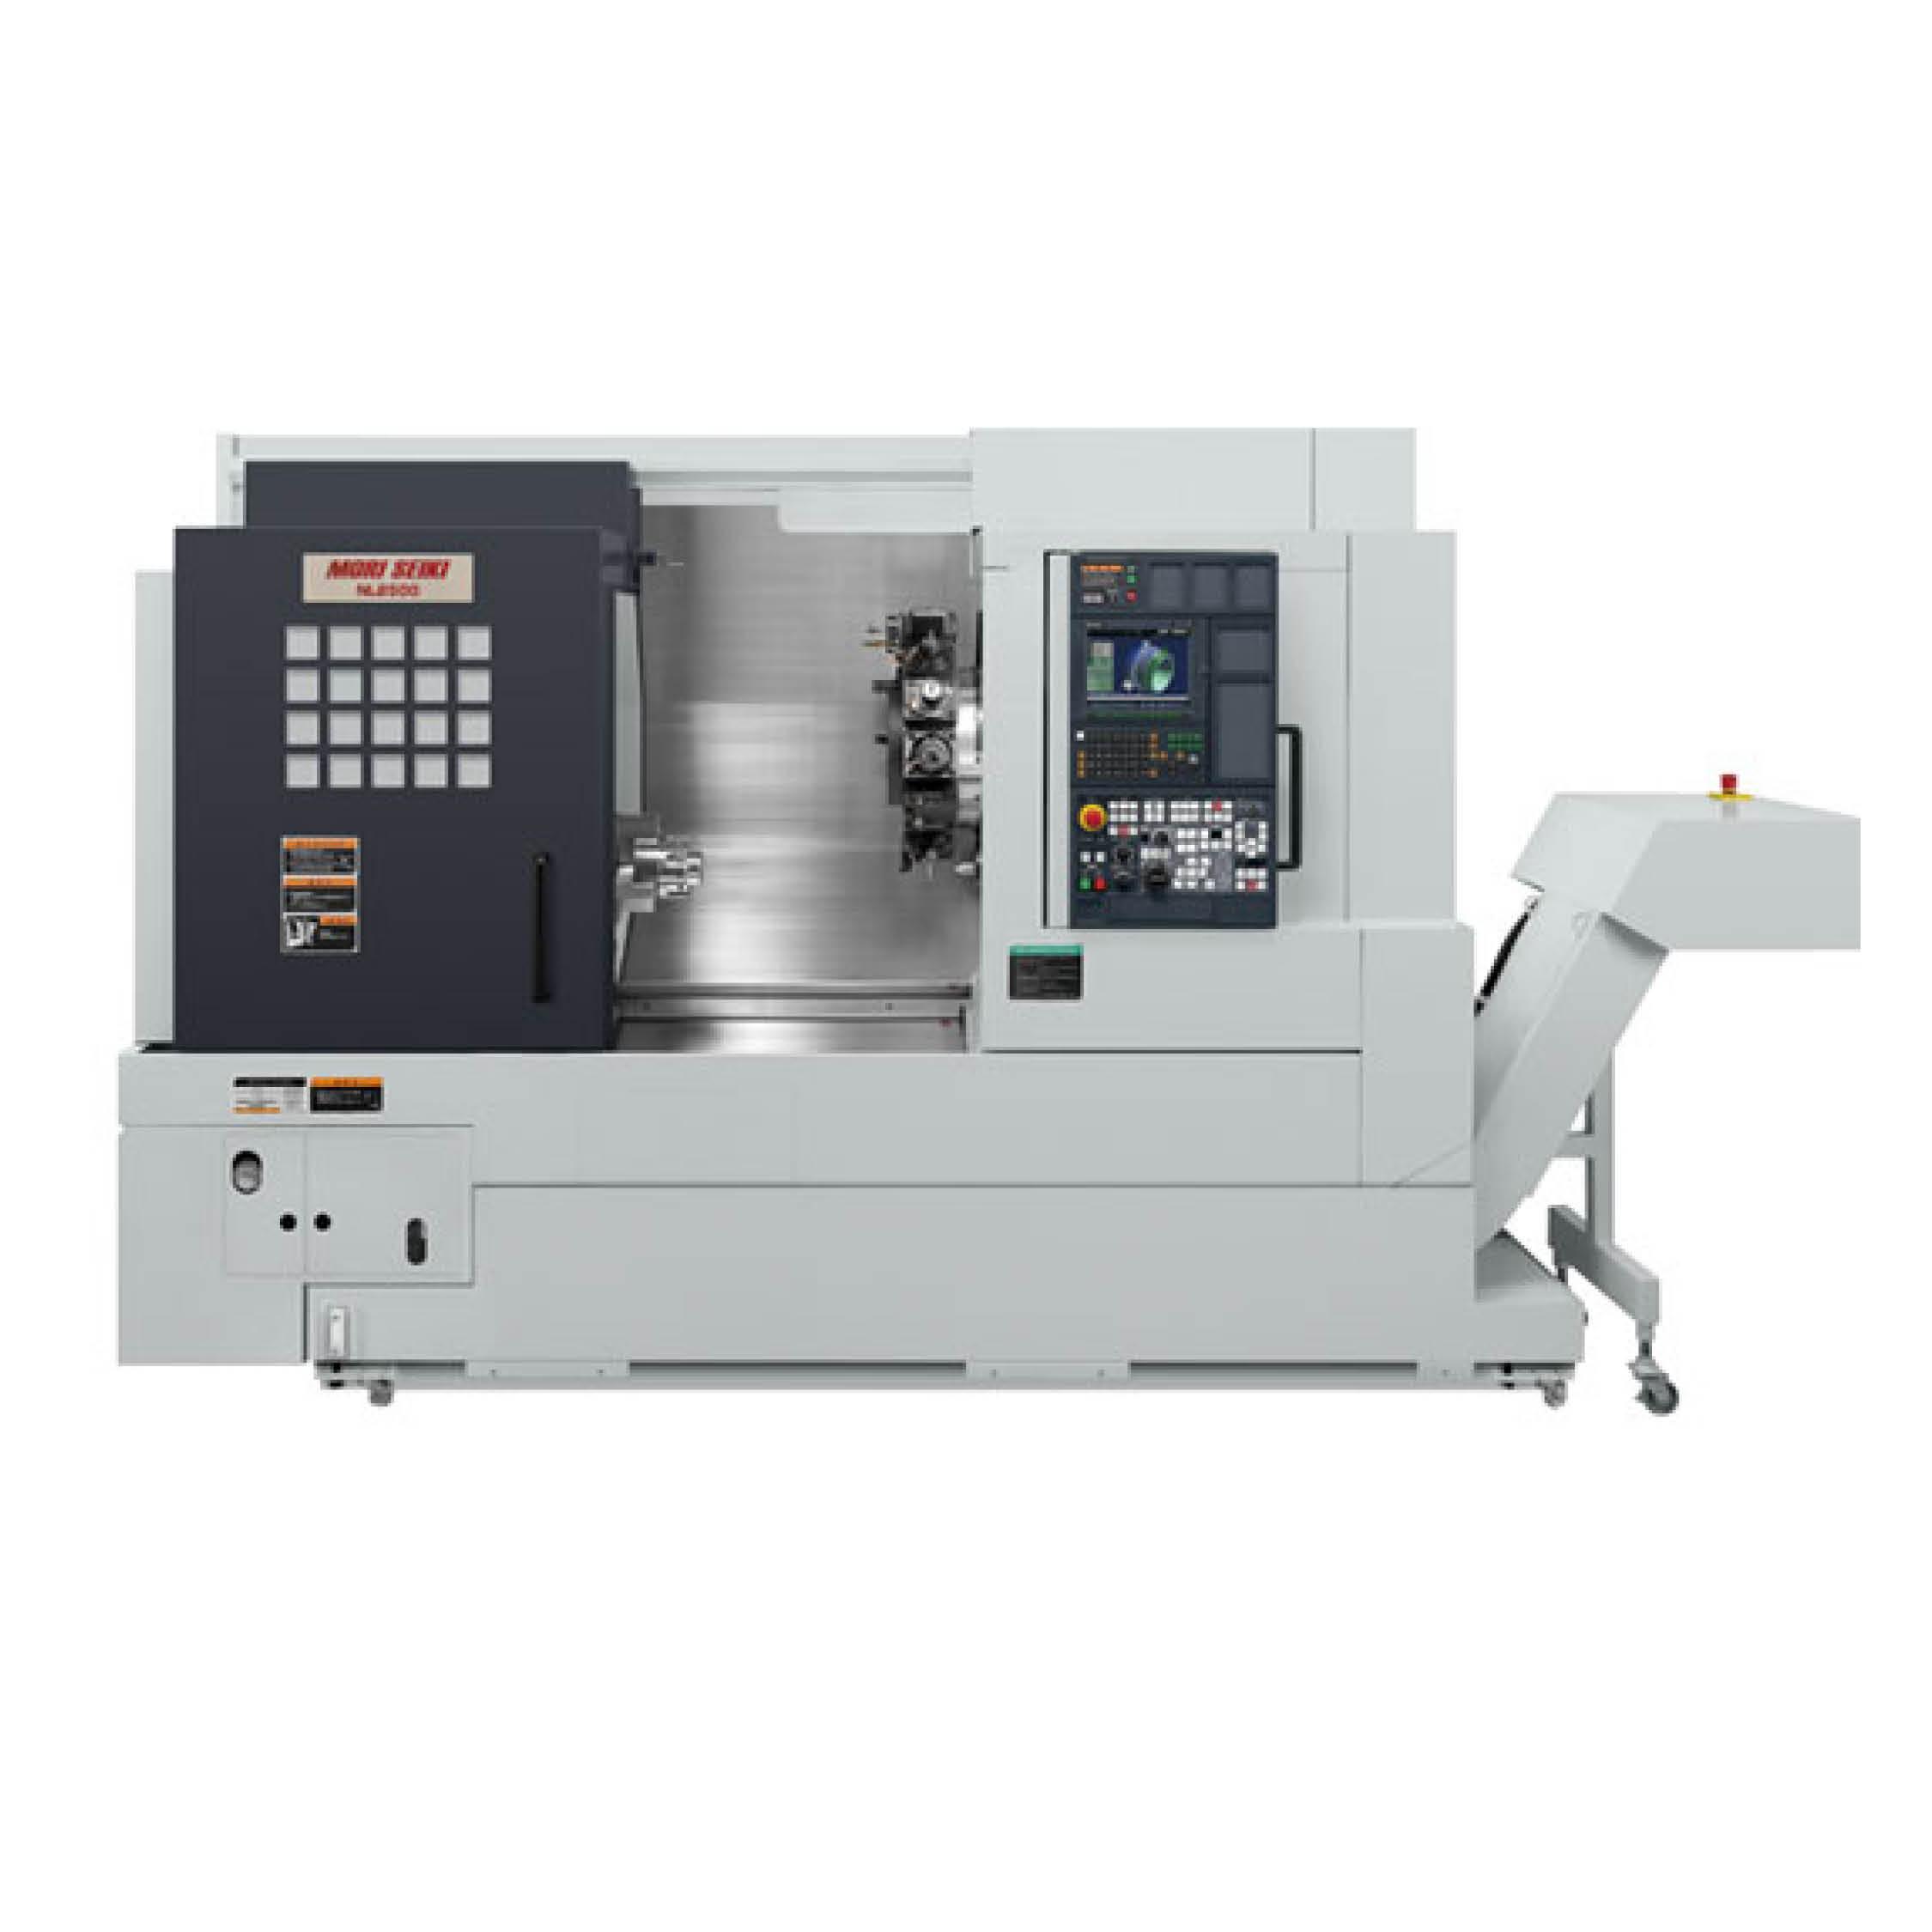 Mori Seiki NV-5000-AI